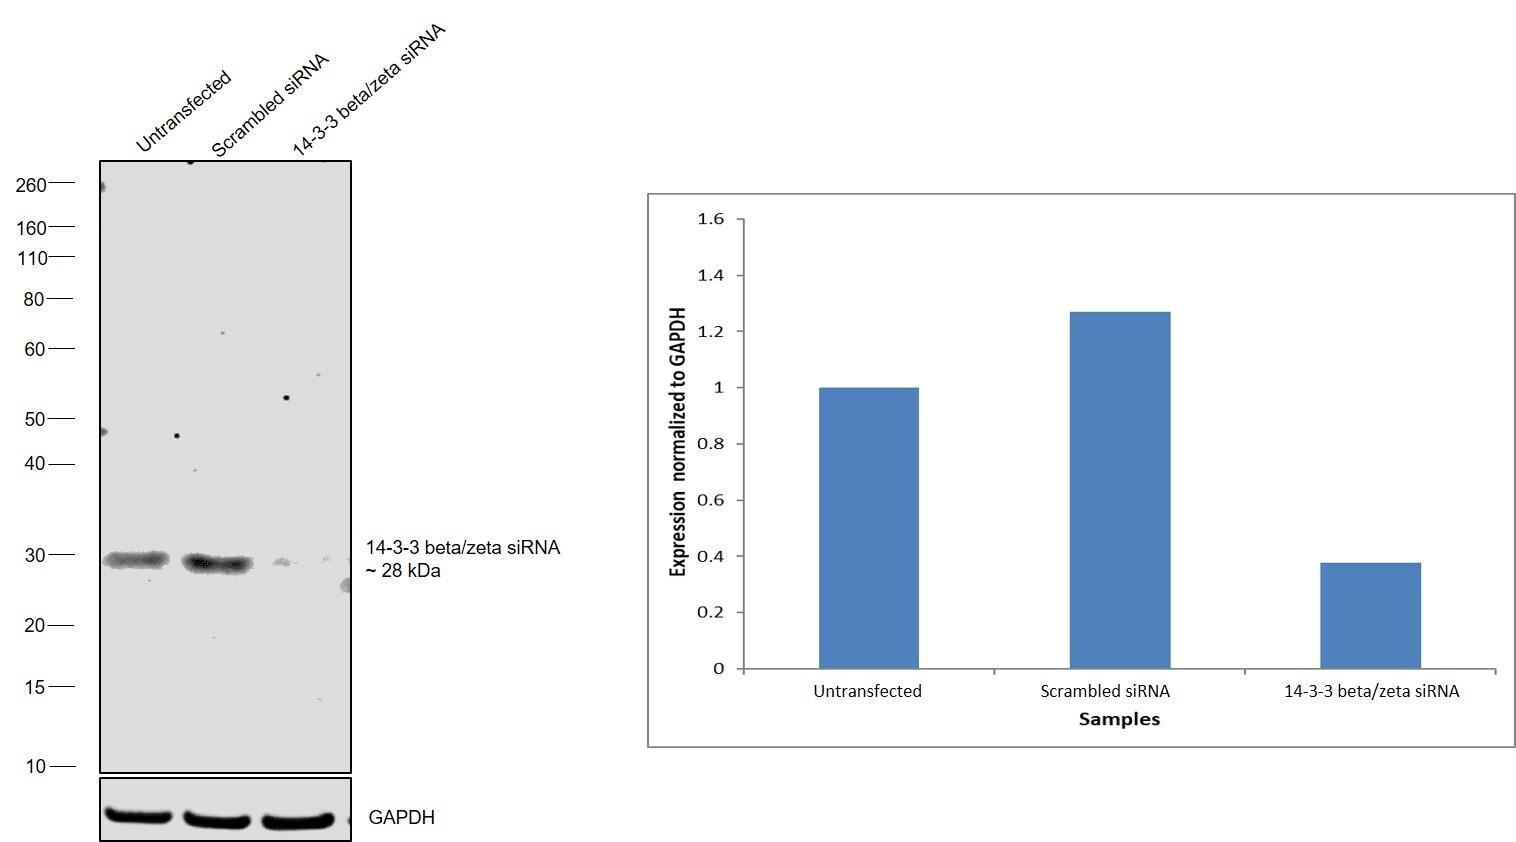 14-3-3 beta/zeta Antibody in Knockdown